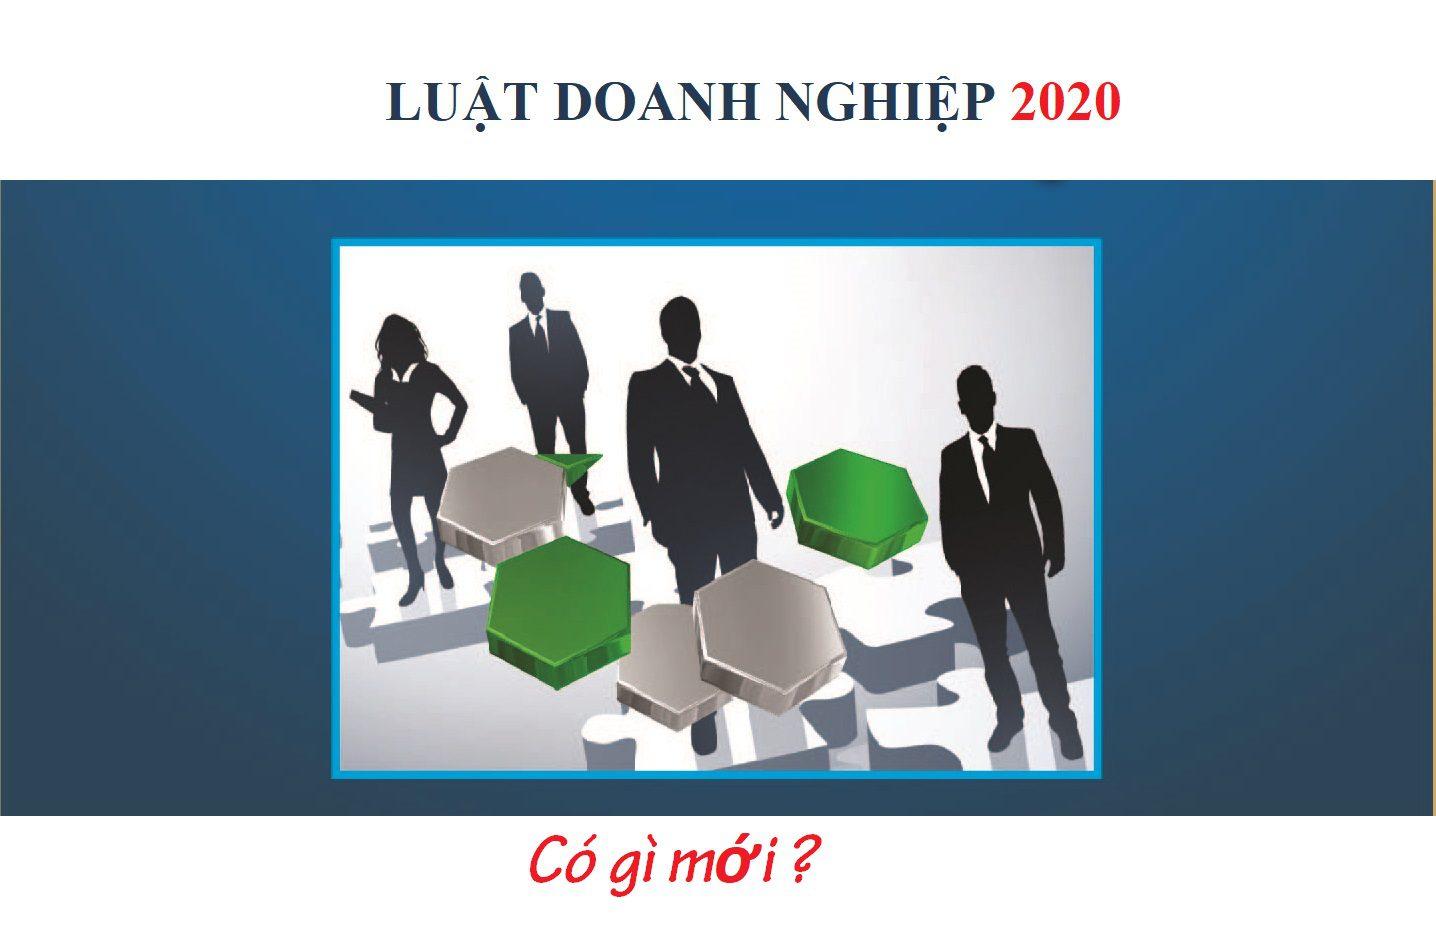 Những điểm mới của Luật doanh nghiệp 2020